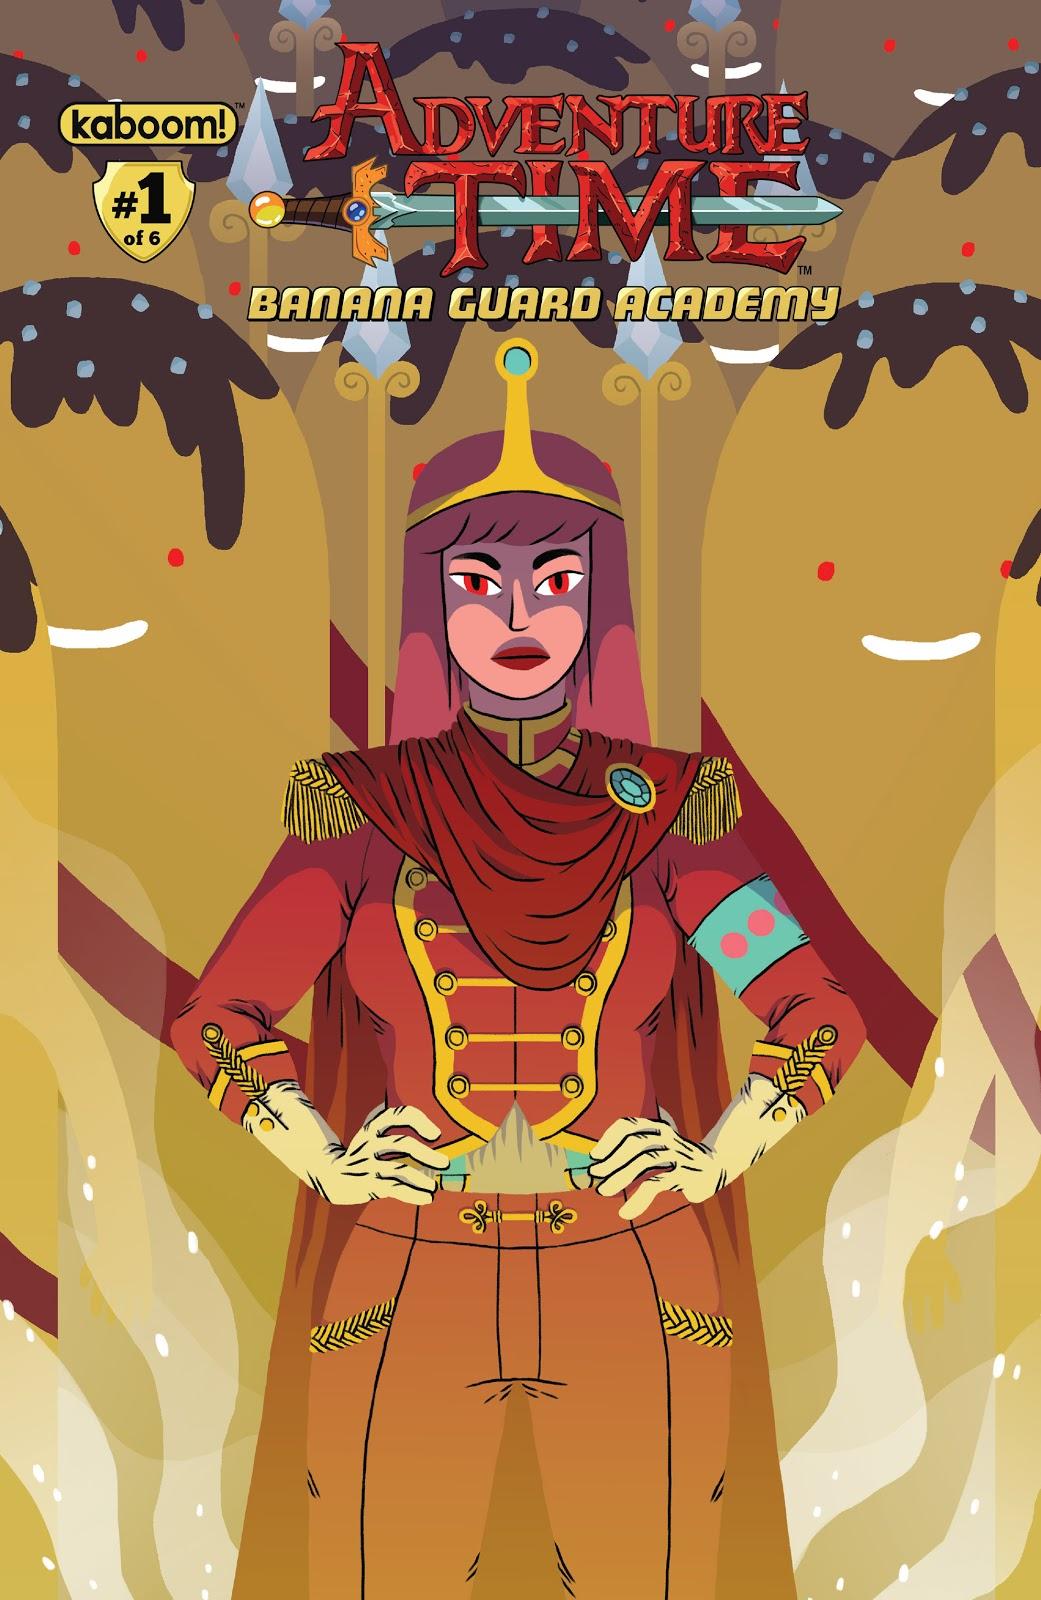 KABOOM_AT_Banana_Guard_001_A.jpg